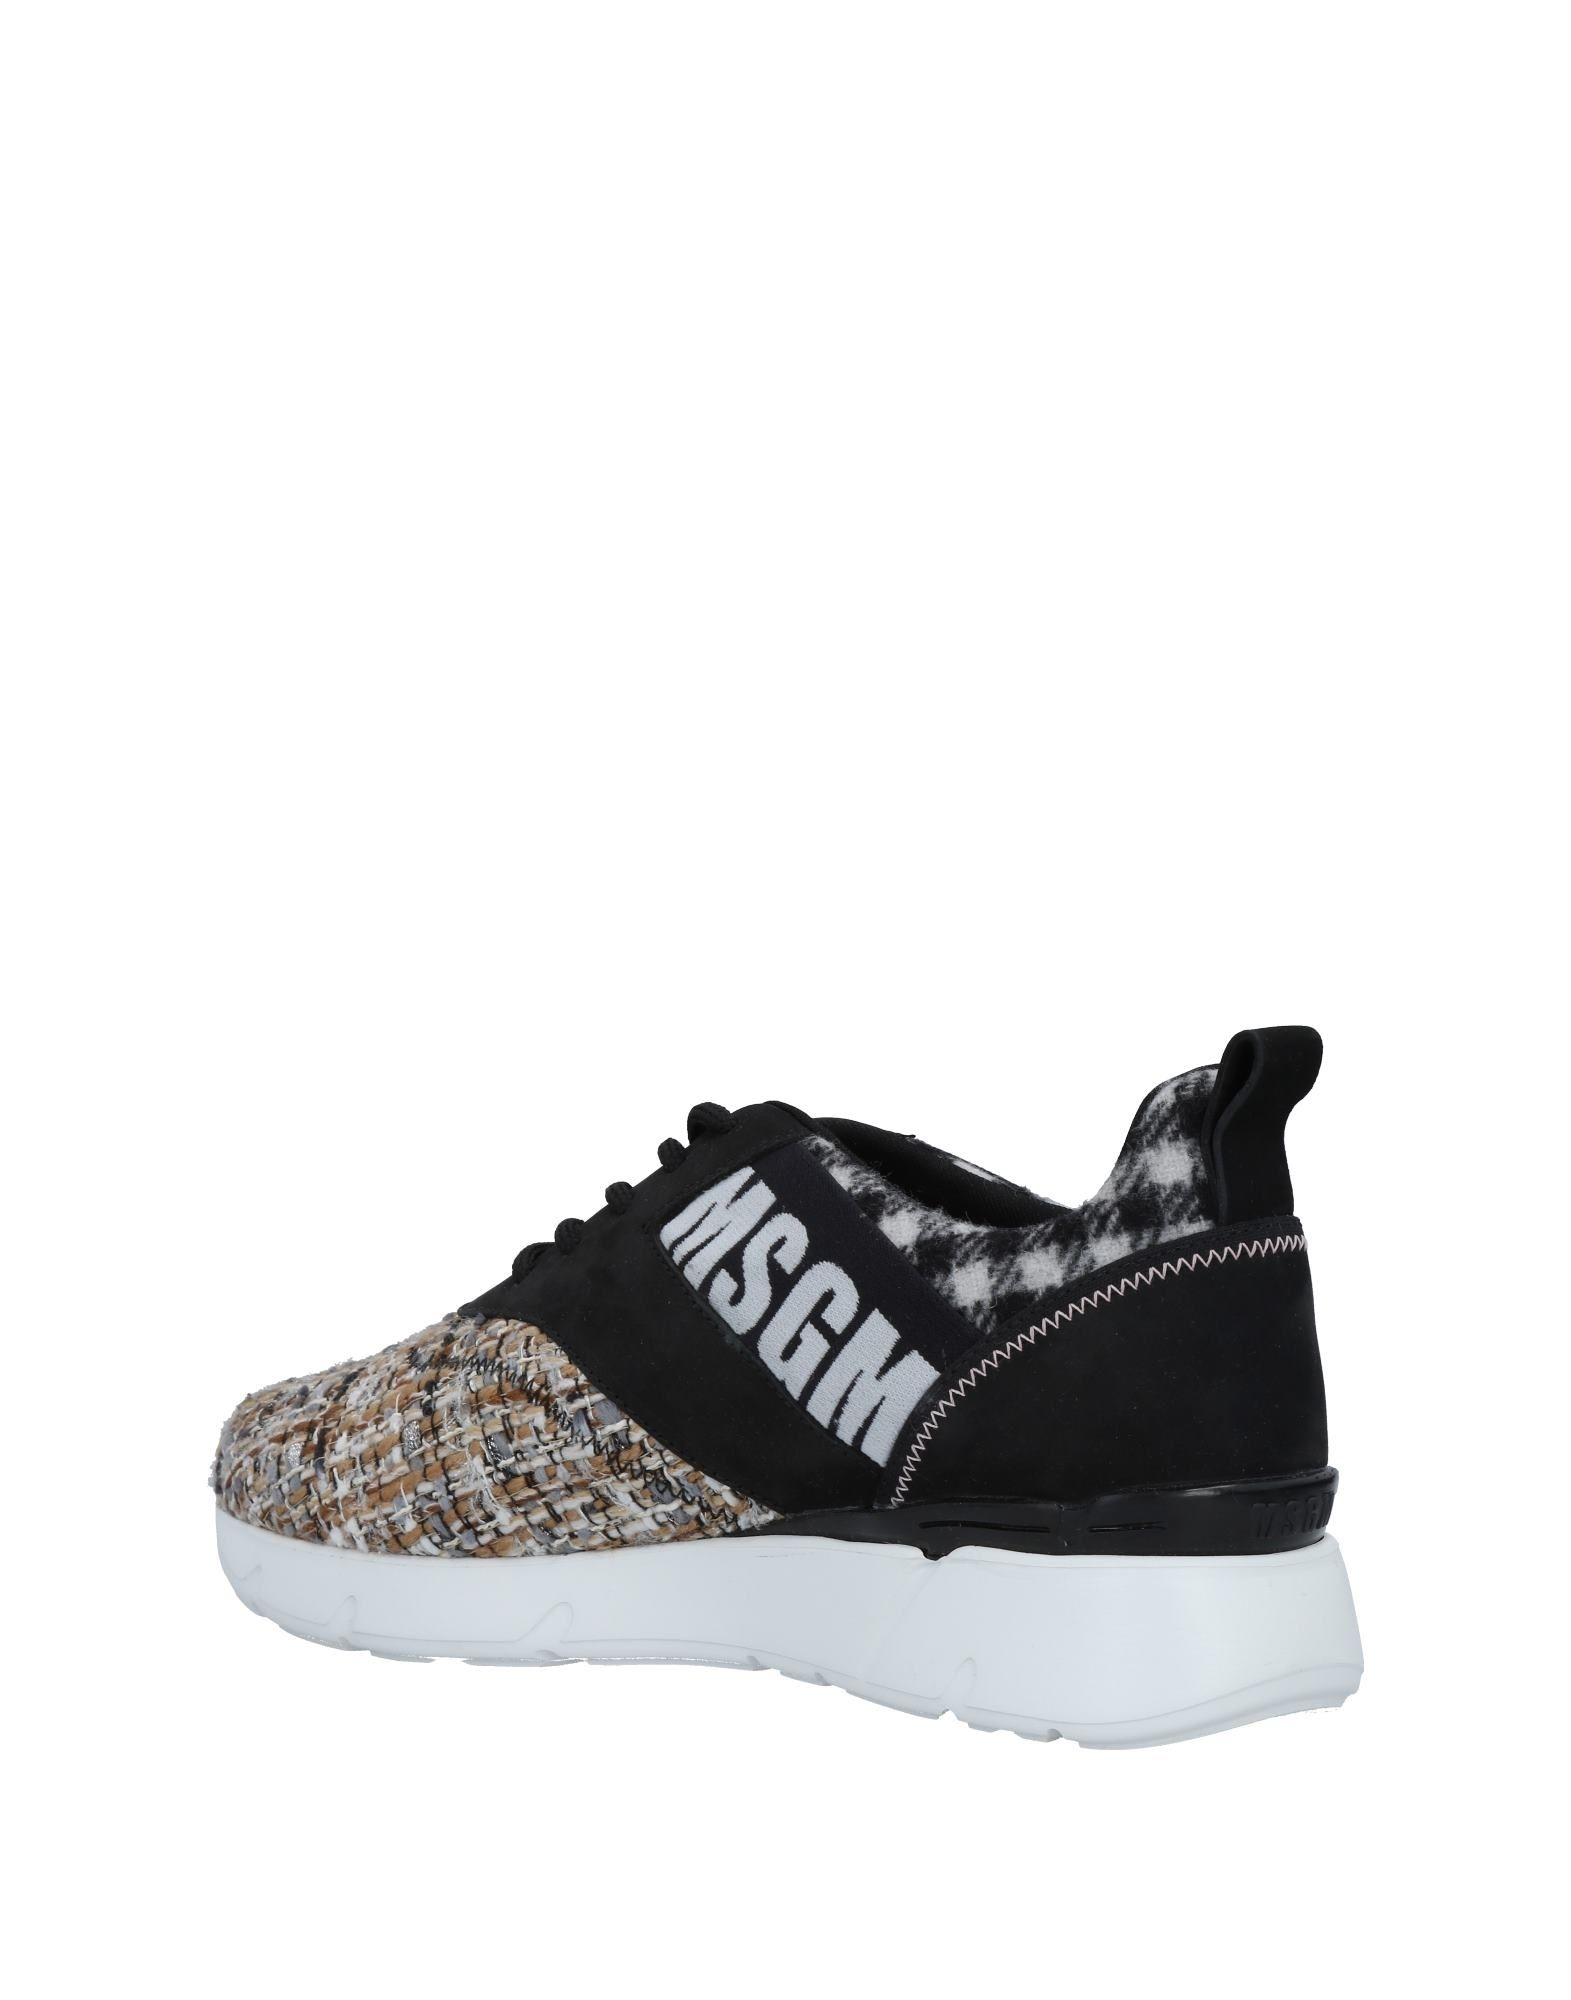 Scarpe economiche e resistenti Sneakers Msgm Donna - 11493325JC